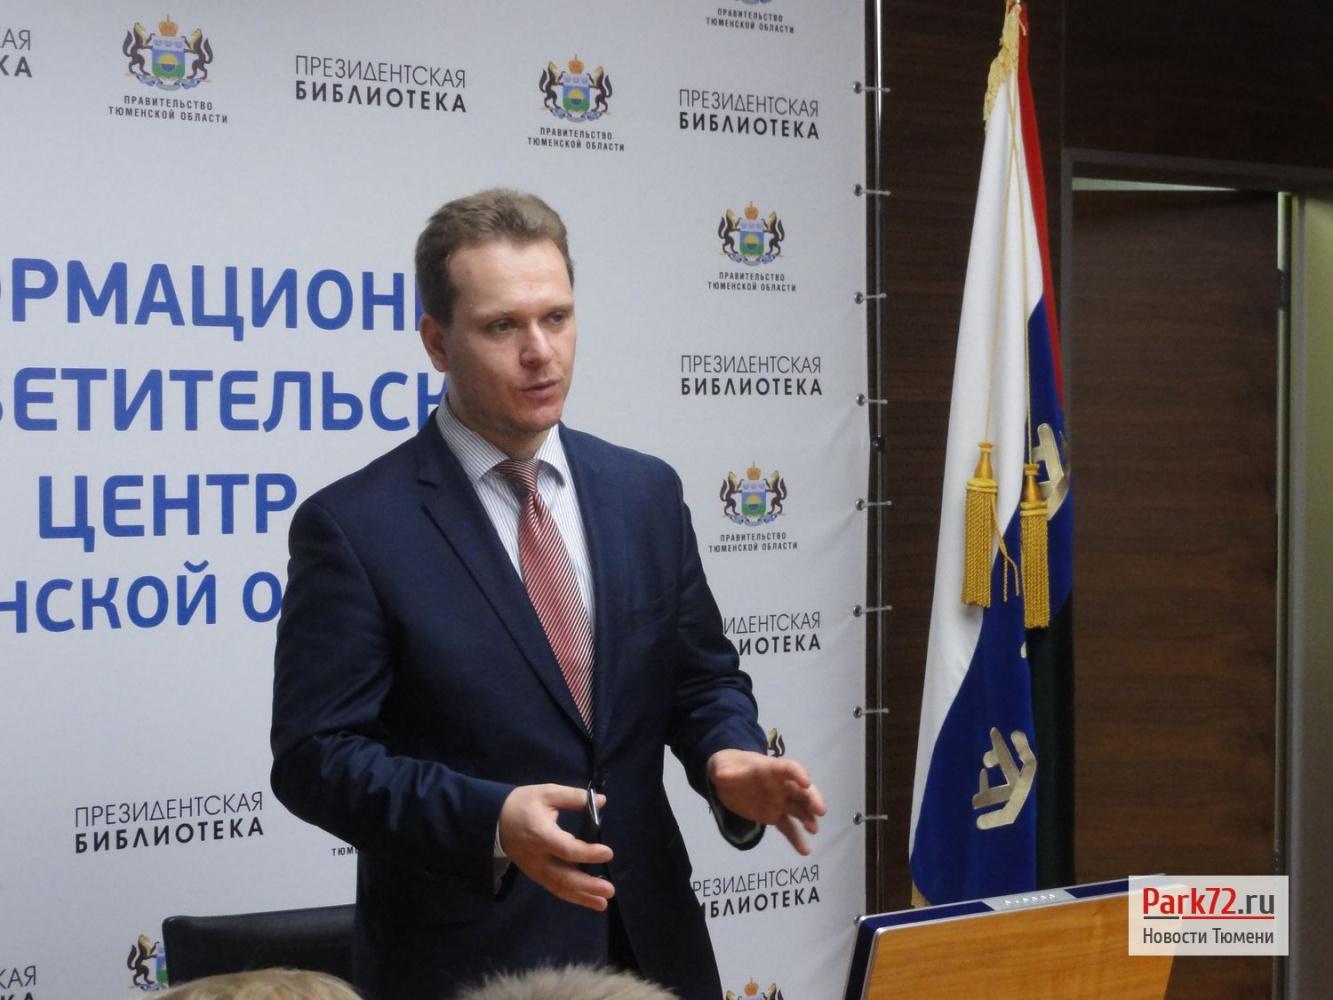 Олег Шор_result